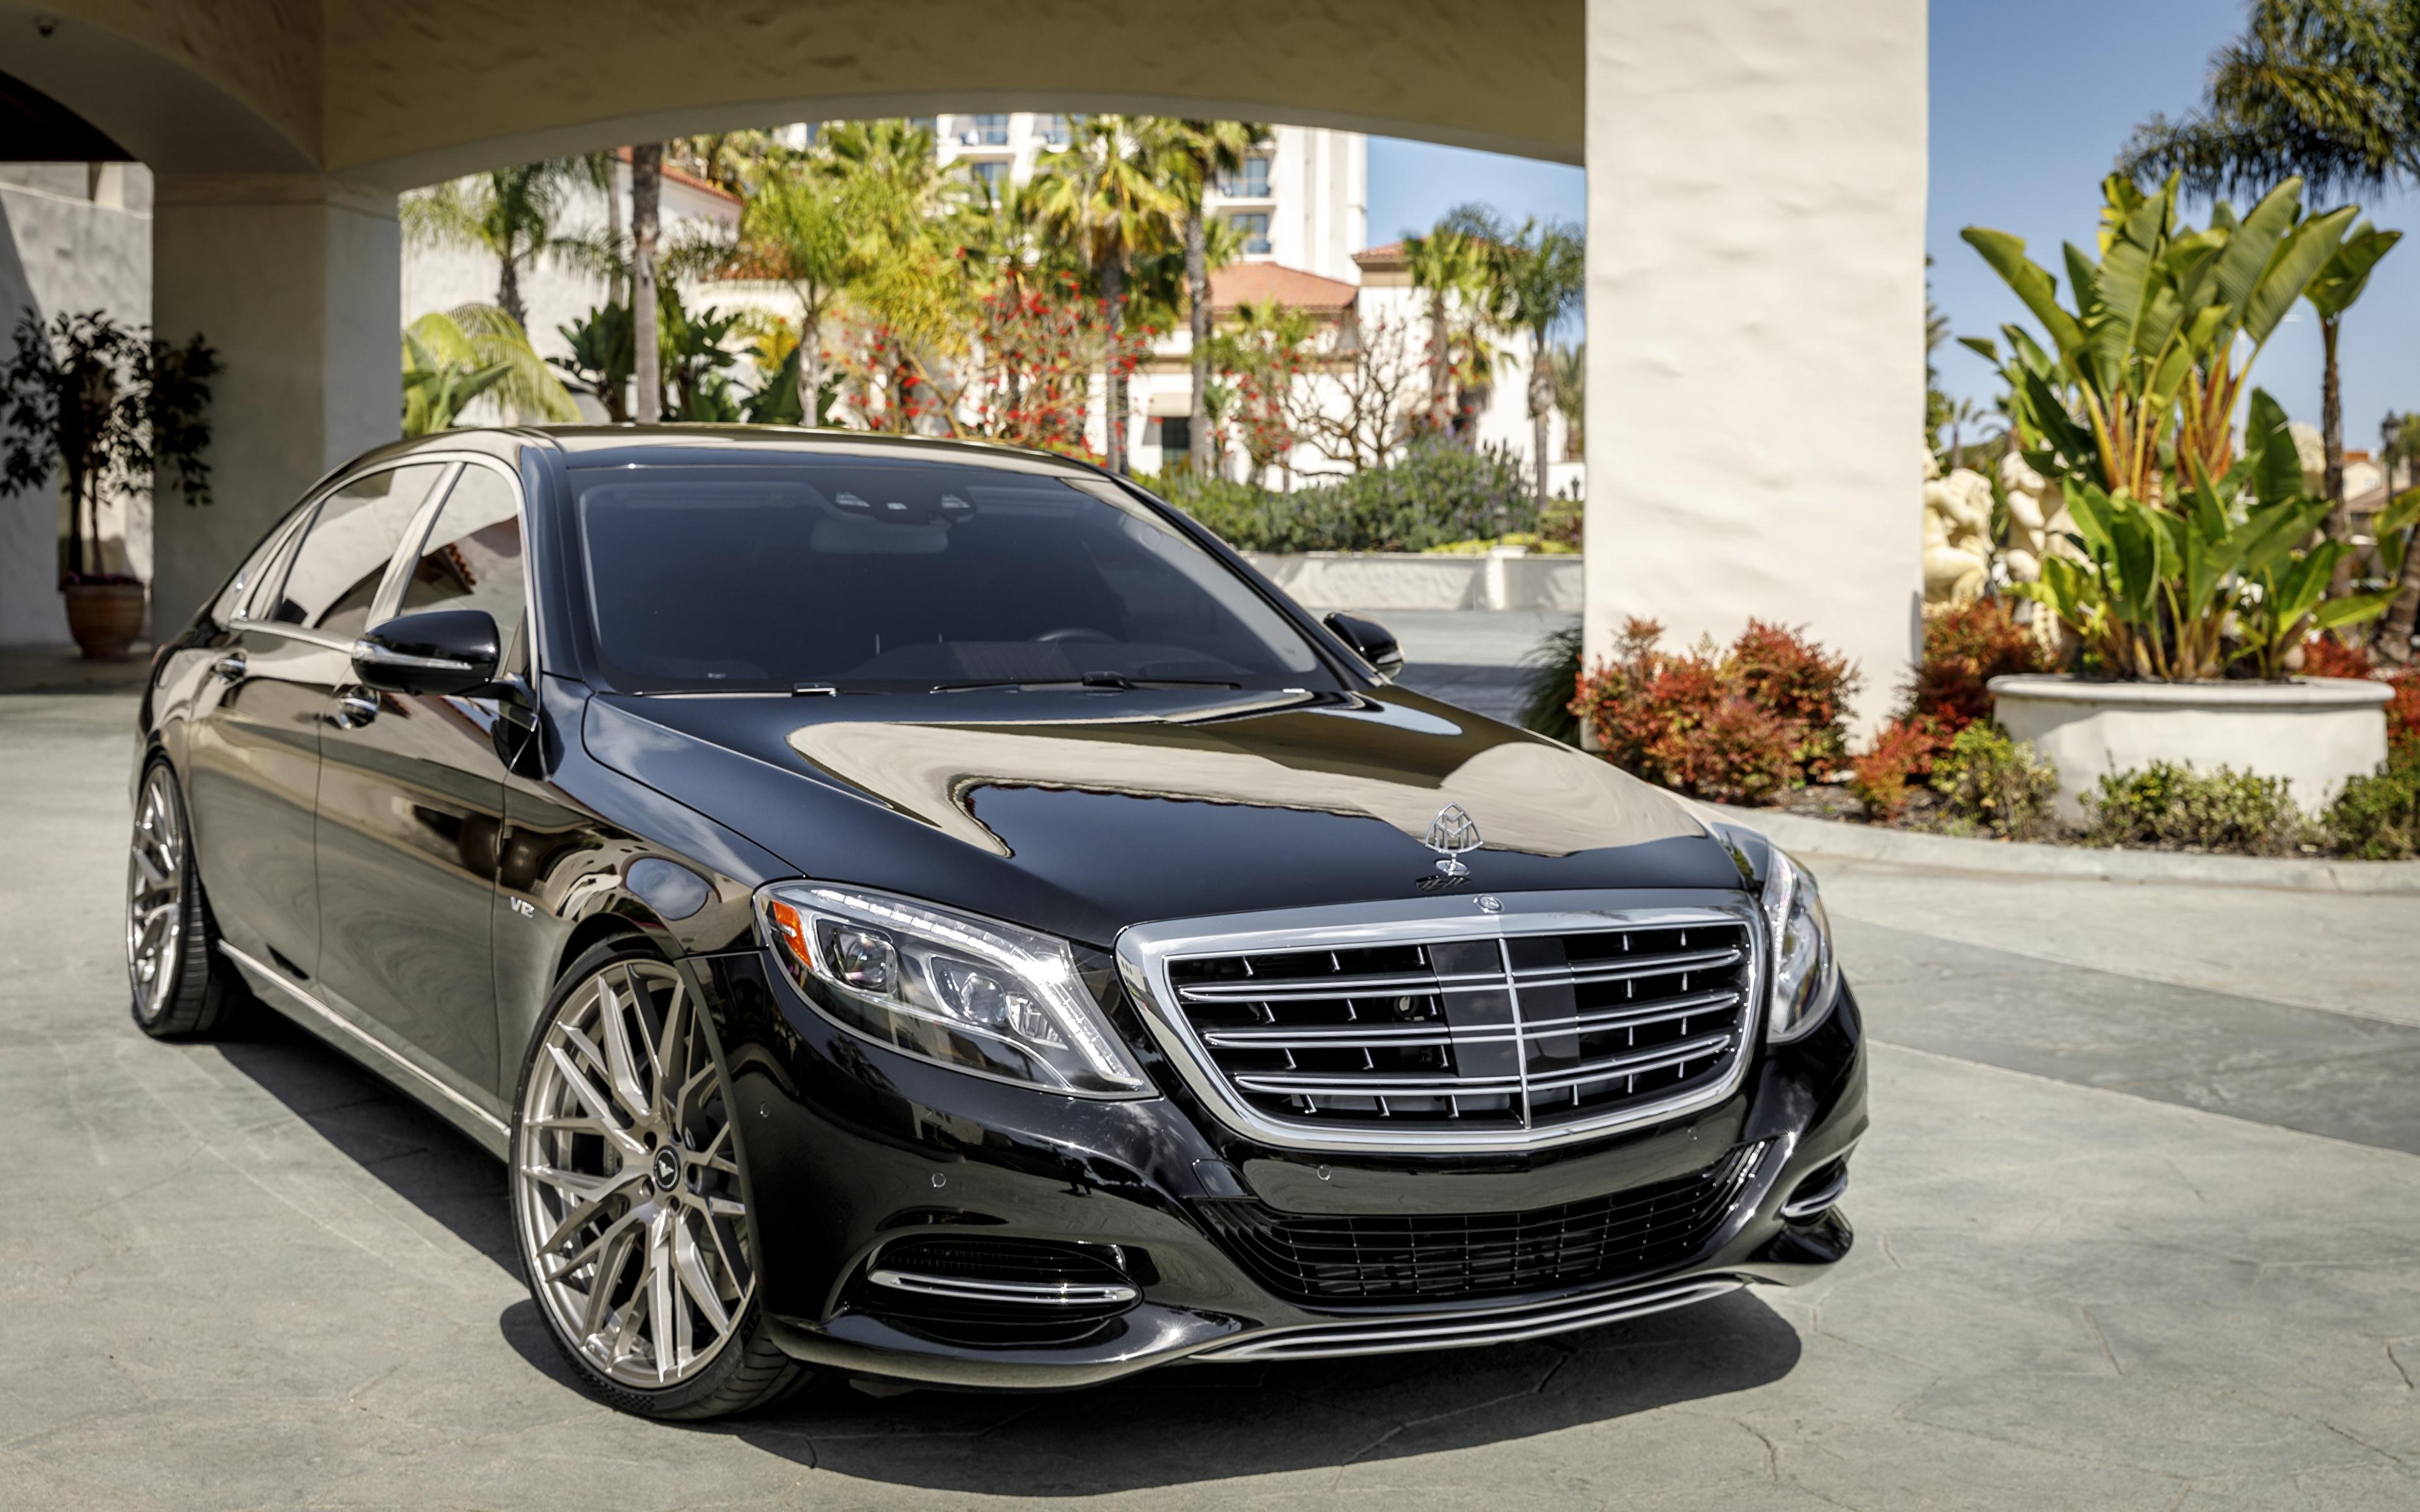 Desktop Wallpapers Mercedes-Benz Black Cars 3840x2400 auto automobile